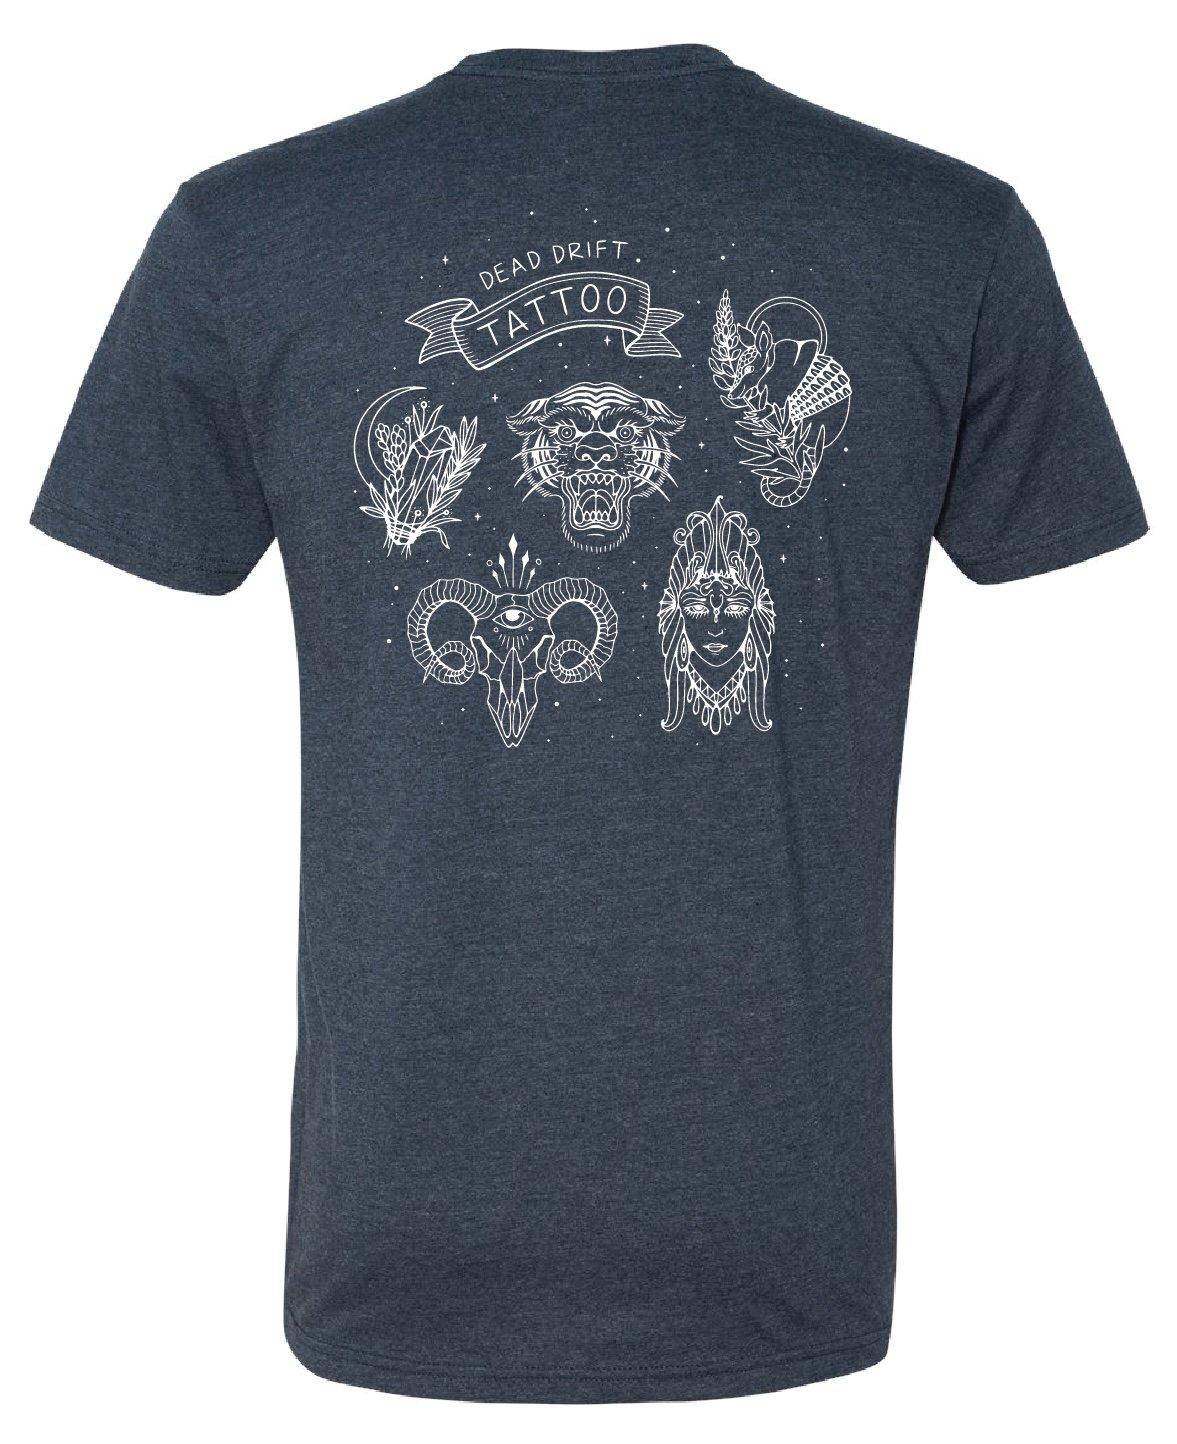 Image of Dead Drift Tattoo Shop Artists Shirt